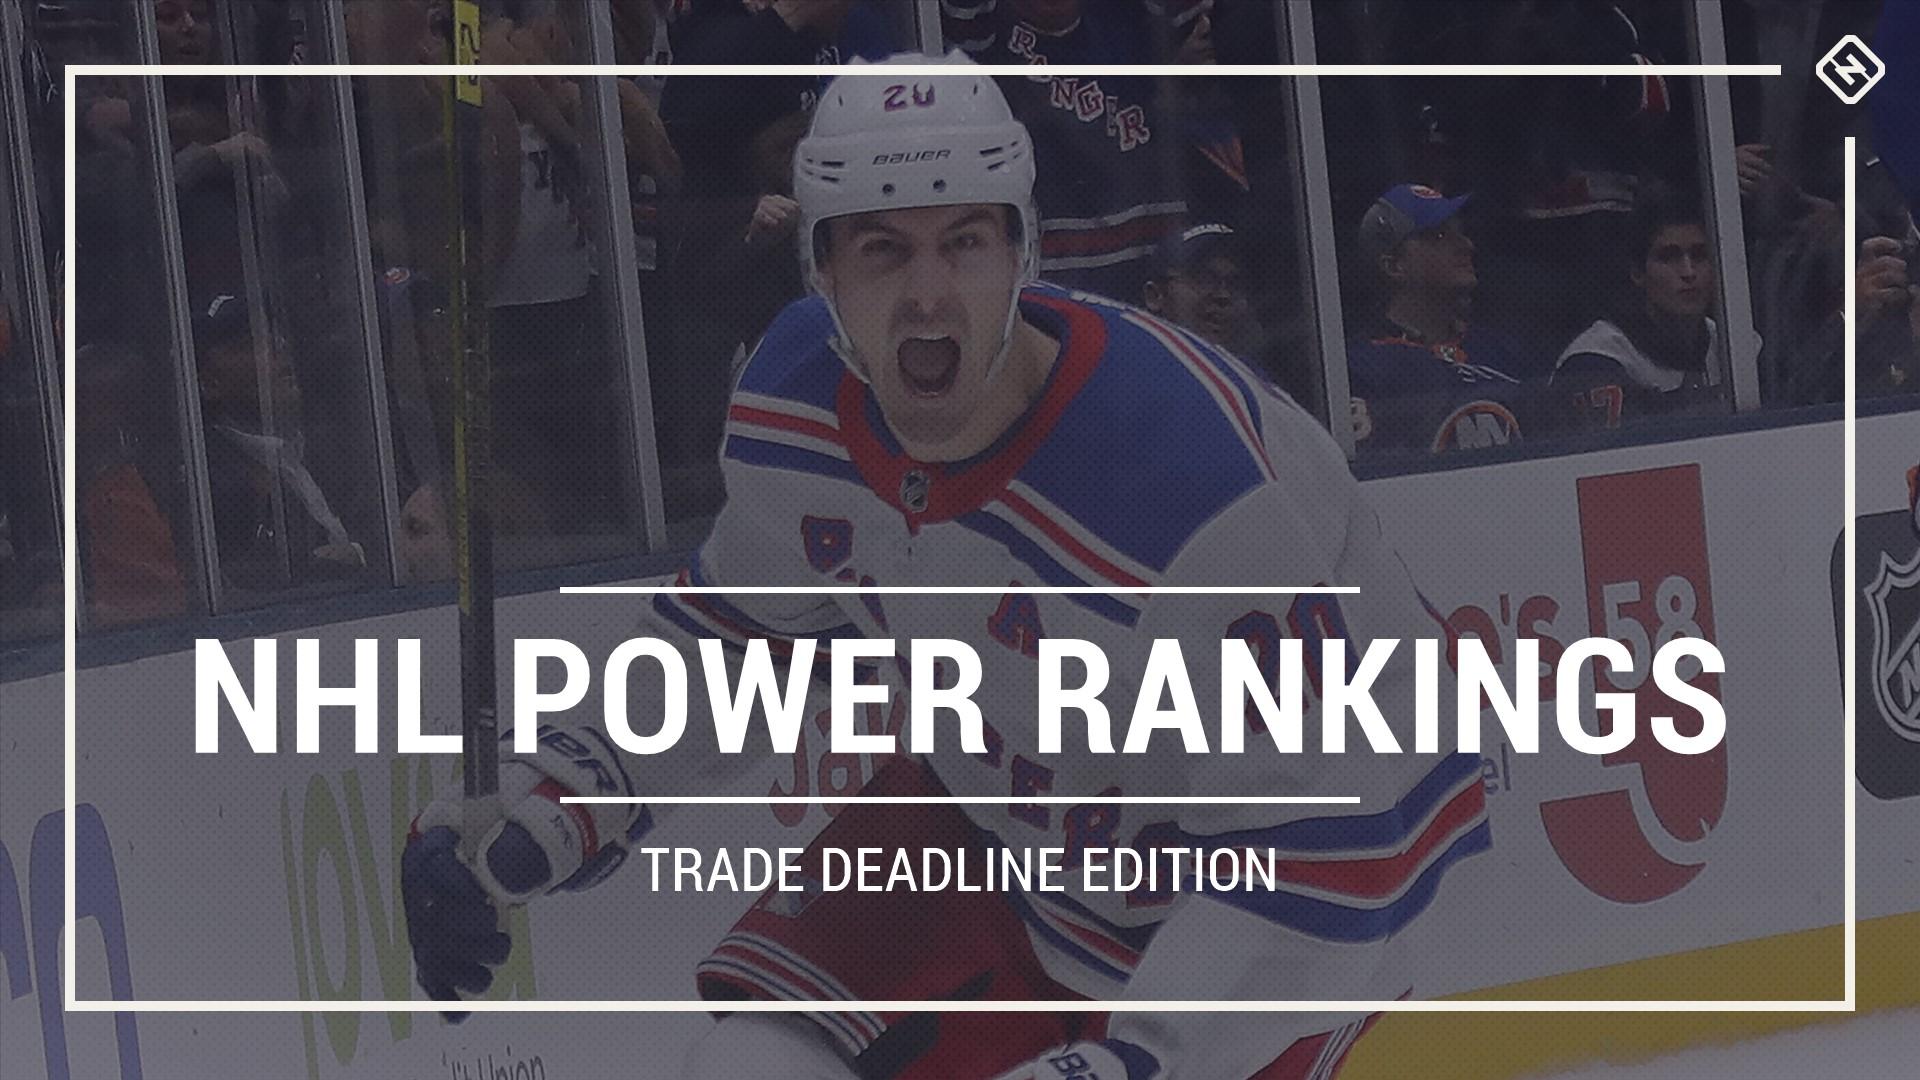 Clasificación de poder de la NHL: Golden Knights, Rangers, Oilers cambian después de la fecha límite de intercambio 18